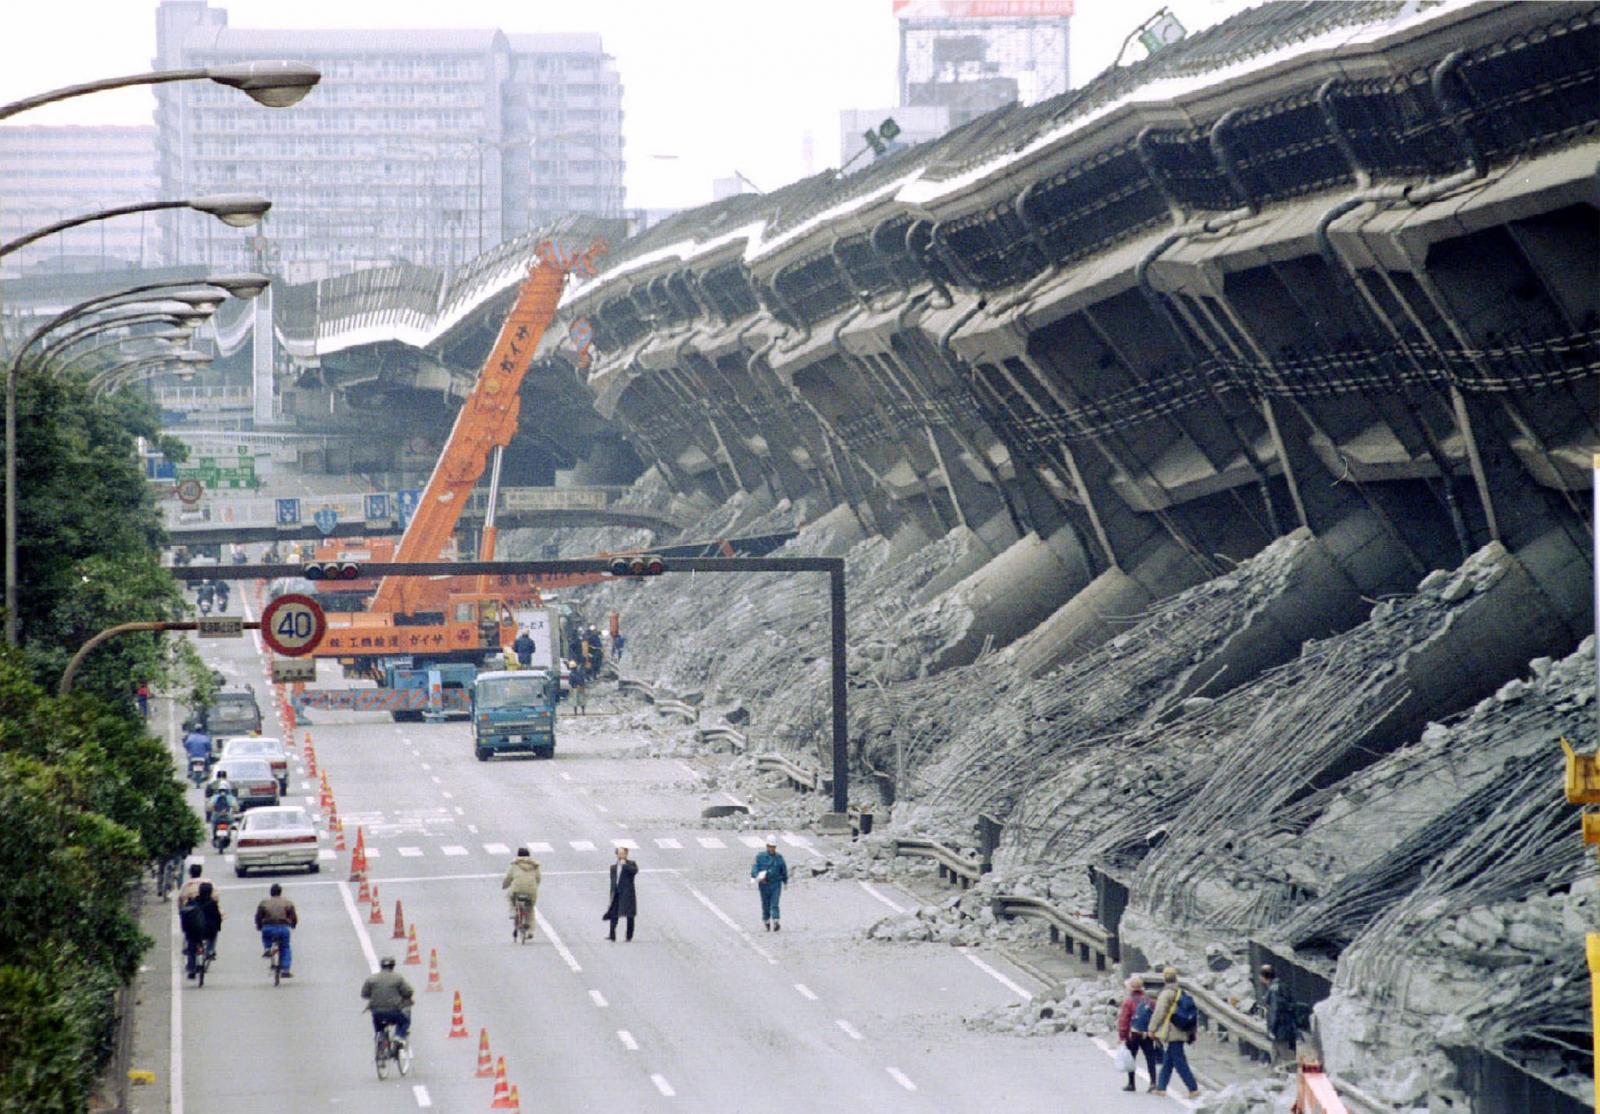 Kobe earthquake